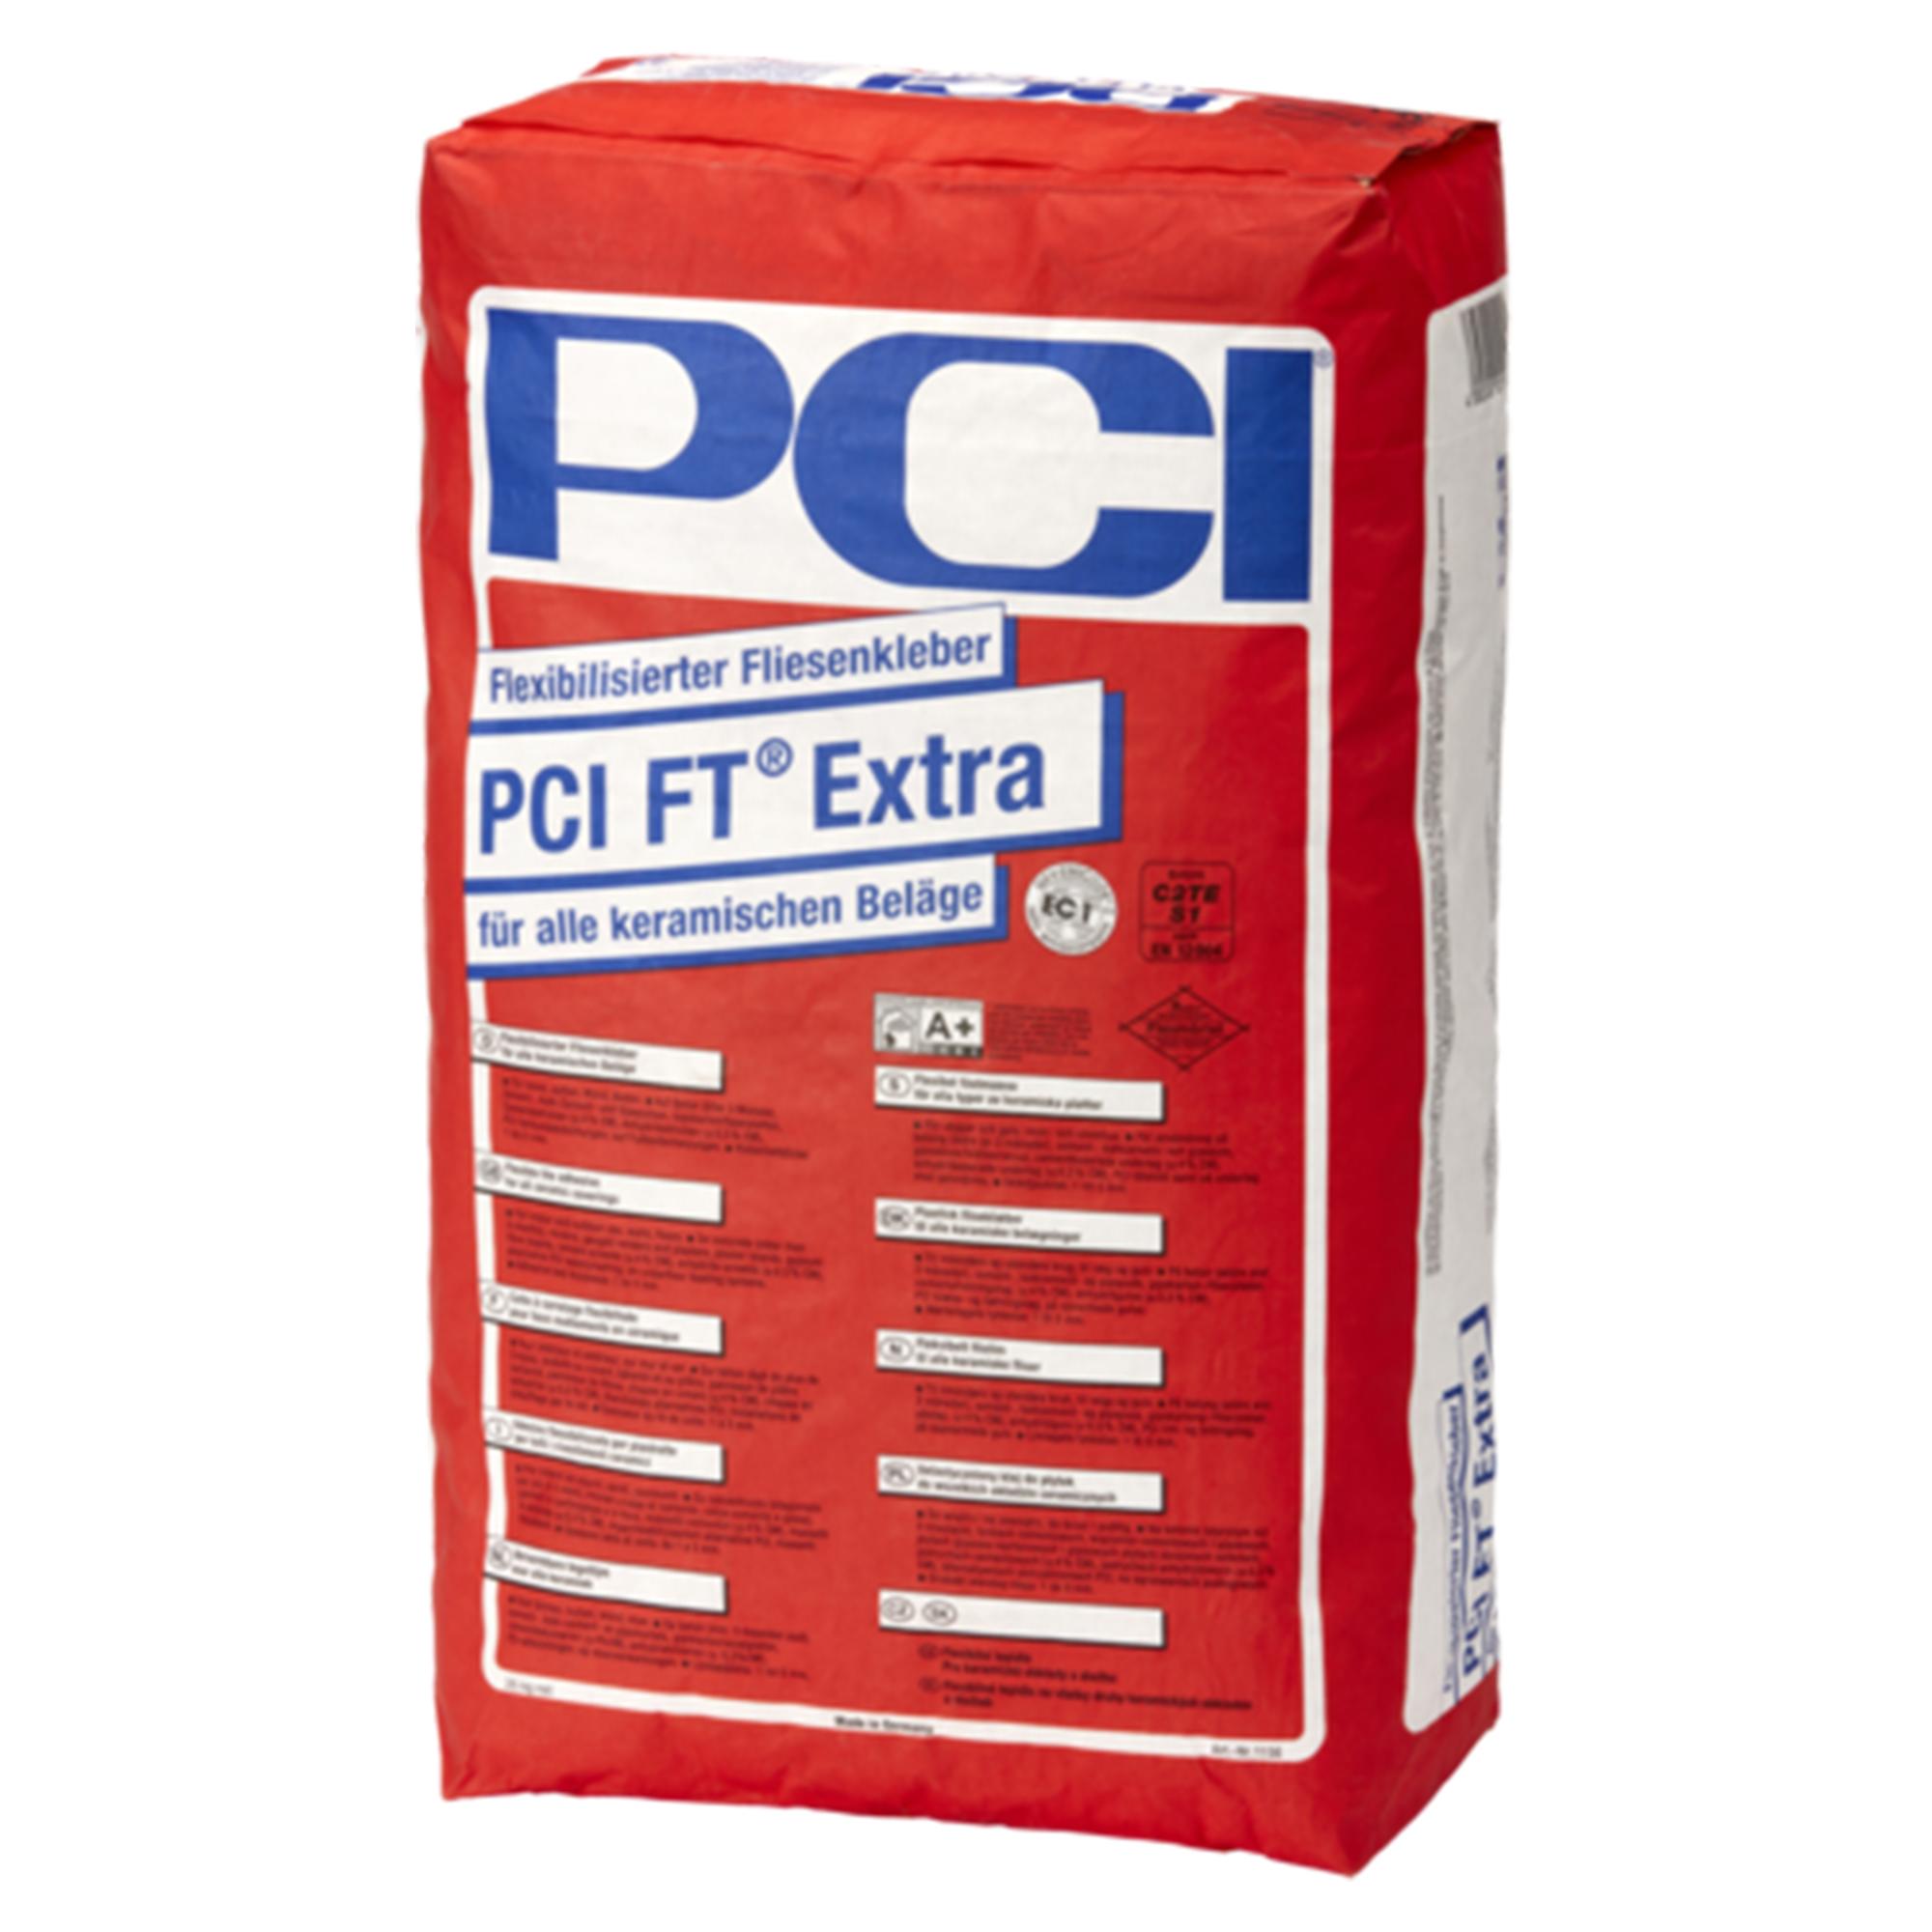 Flexfix PCI FT Extra 25 kg